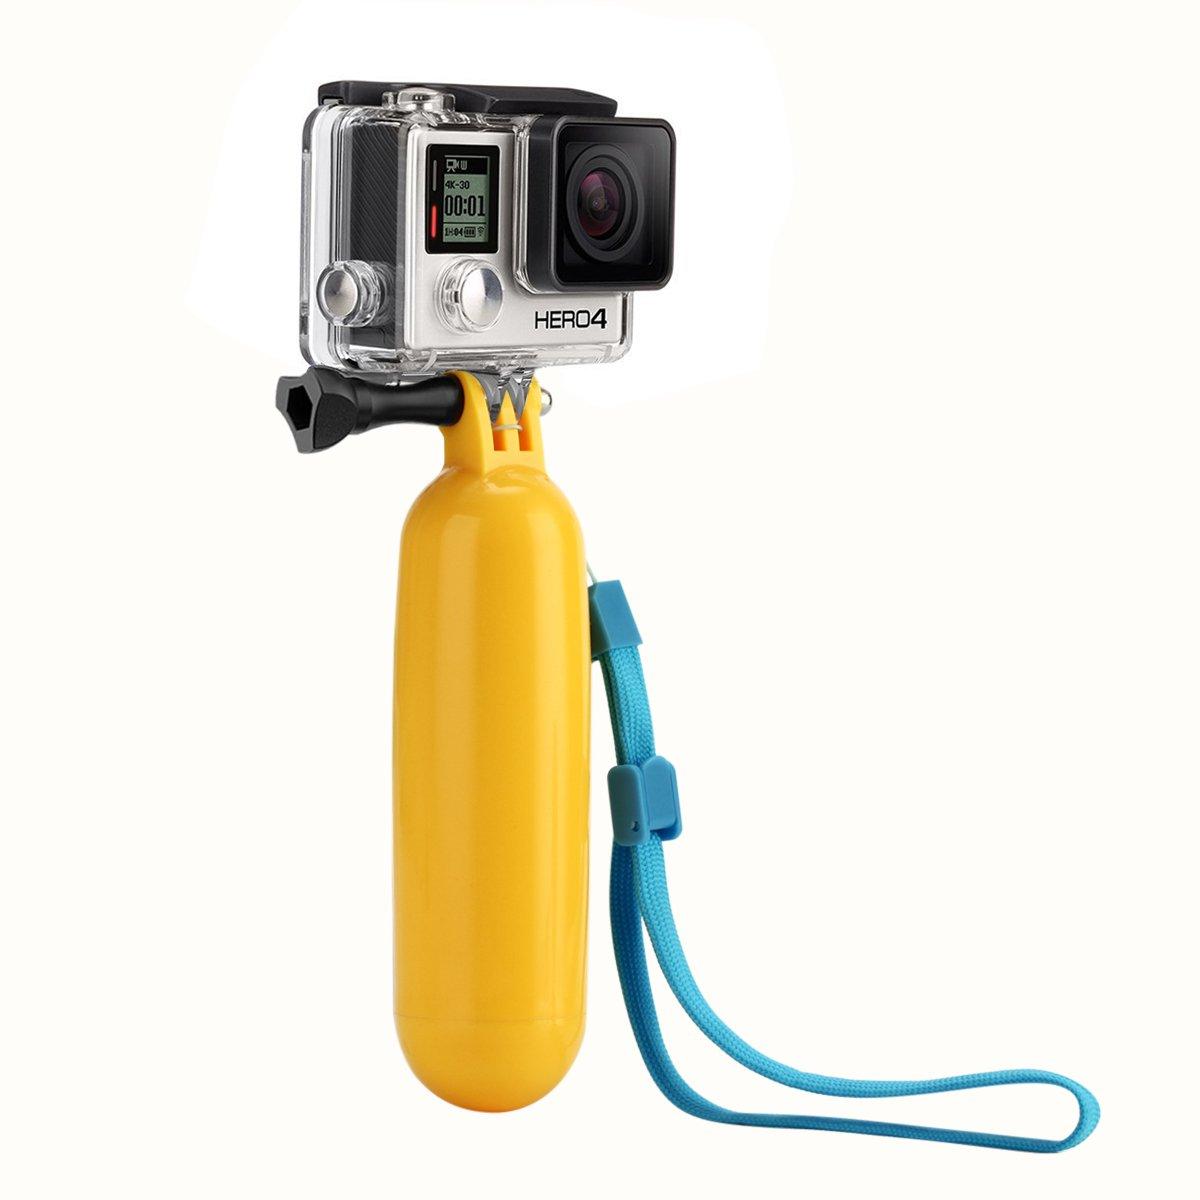 Sametop Flotante Palo Flotador de Mano Grip Handler para GoPro Hero 5, 4, Session, 3+, 3, 2, 1 Cámaras: Amazon.es: Electrónica